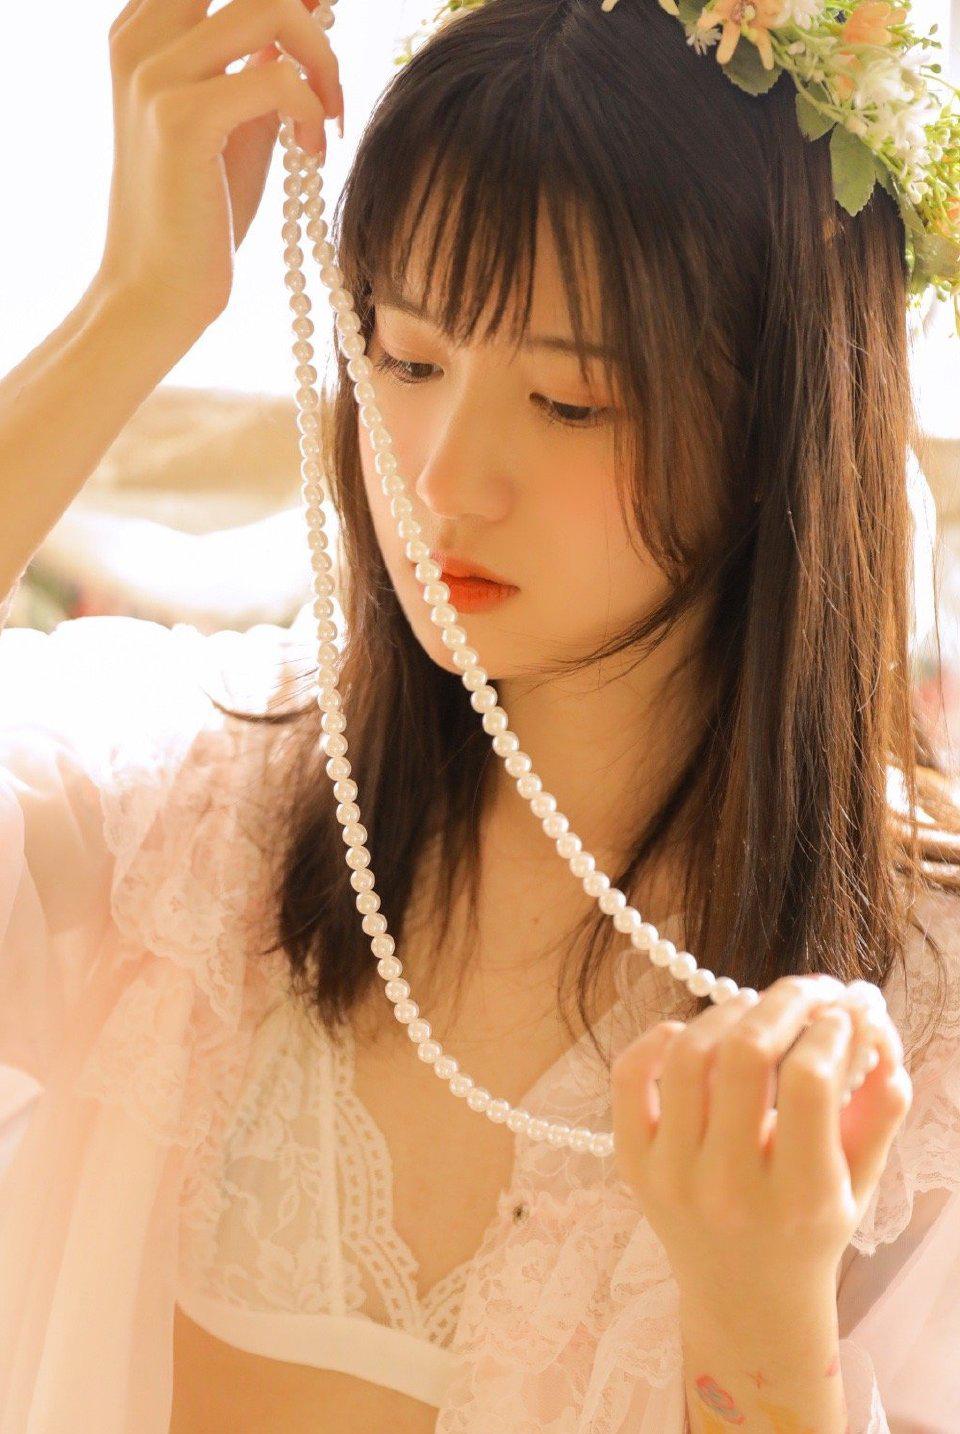 清纯美女性感蕾丝写真